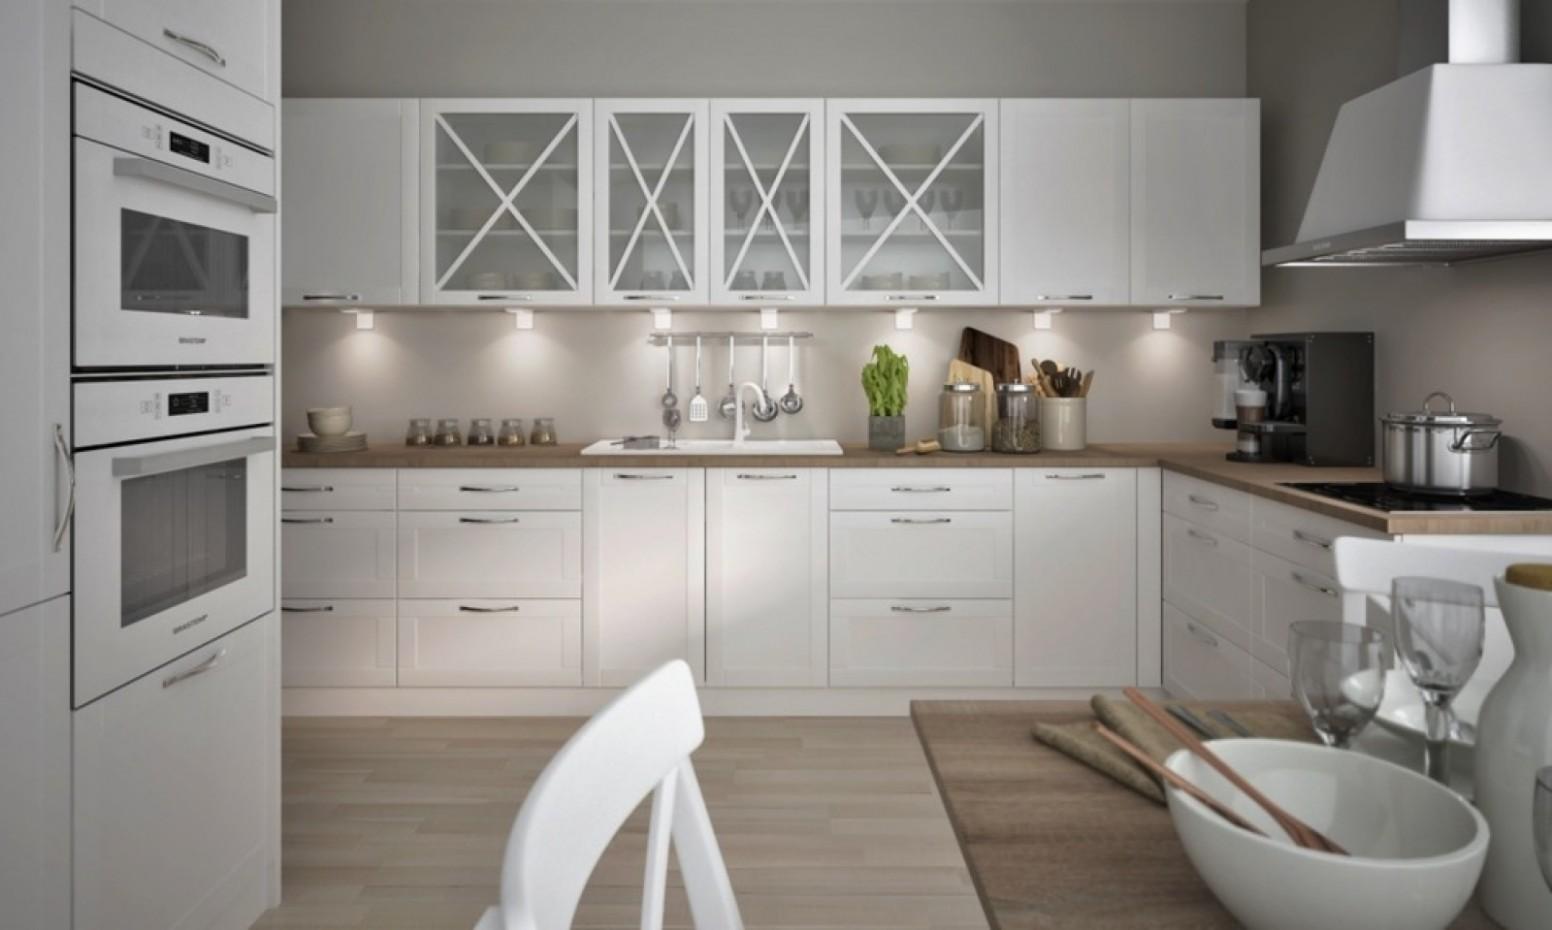 Nábytek - Plánované kuchyně - nábytek Olomouc, Prostějov, Přerov ...